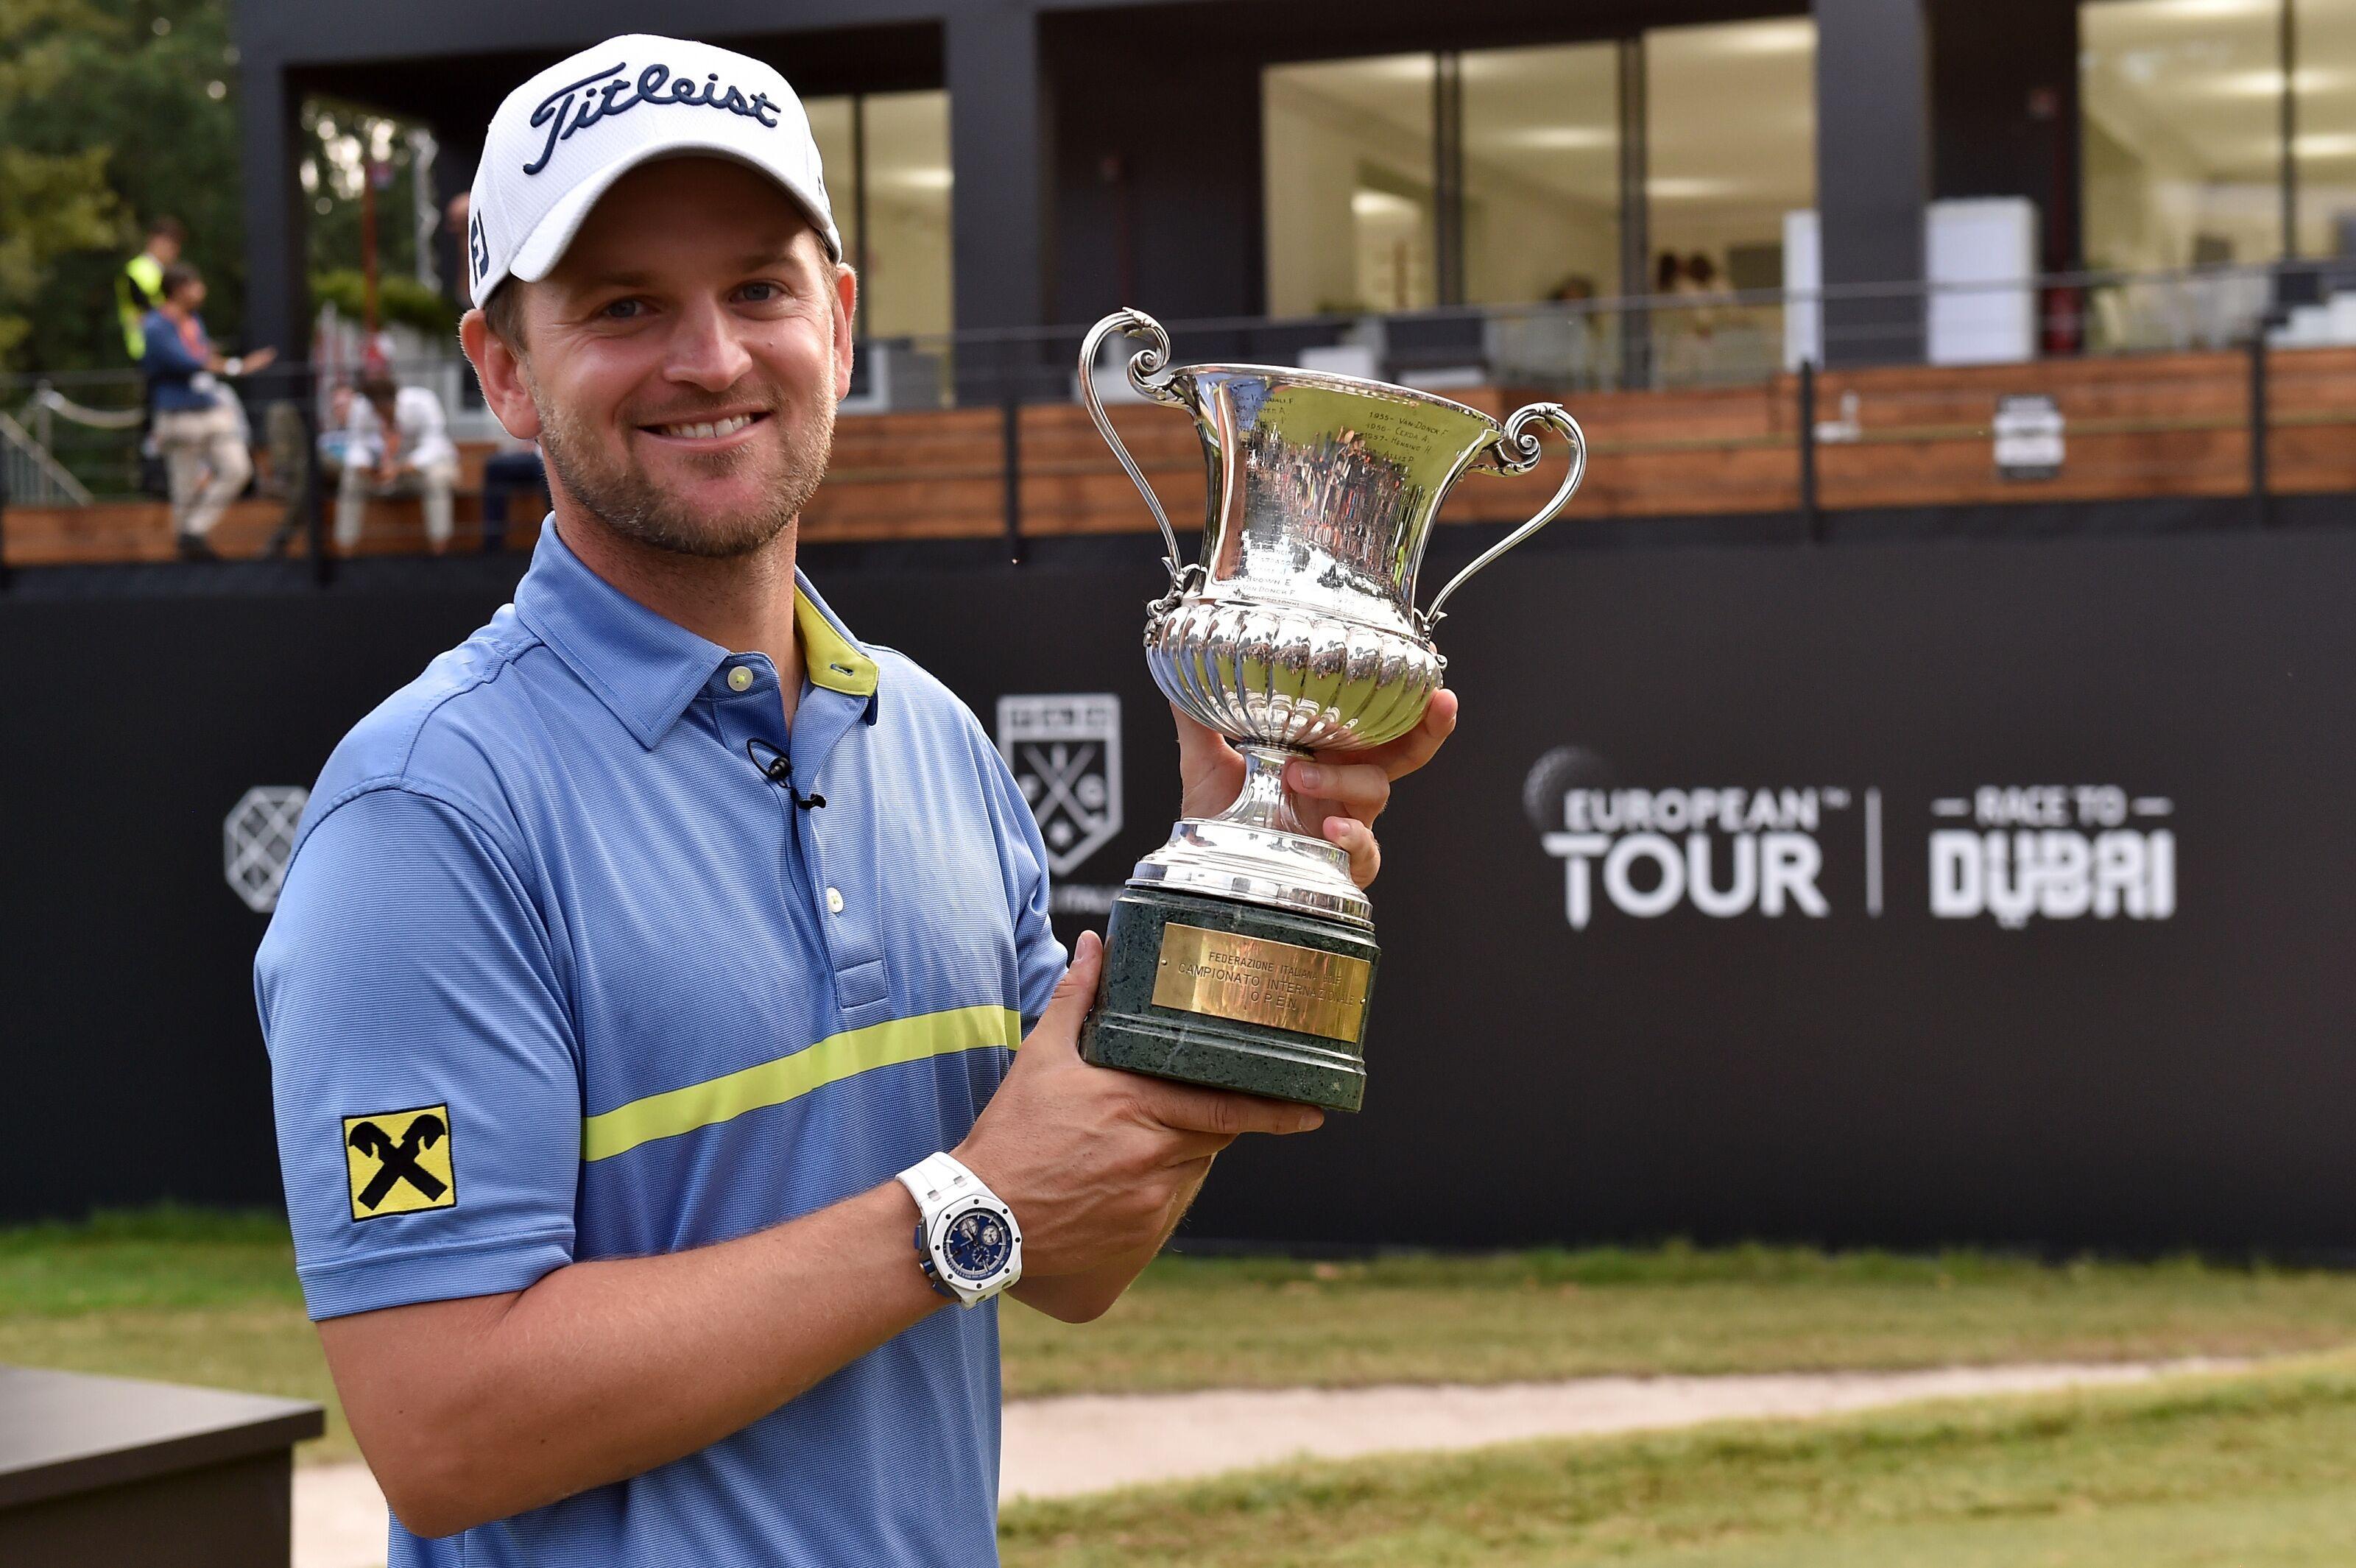 Bernd Wiesberger Wins Second Rolex Series Title of 2019 At Italian Open